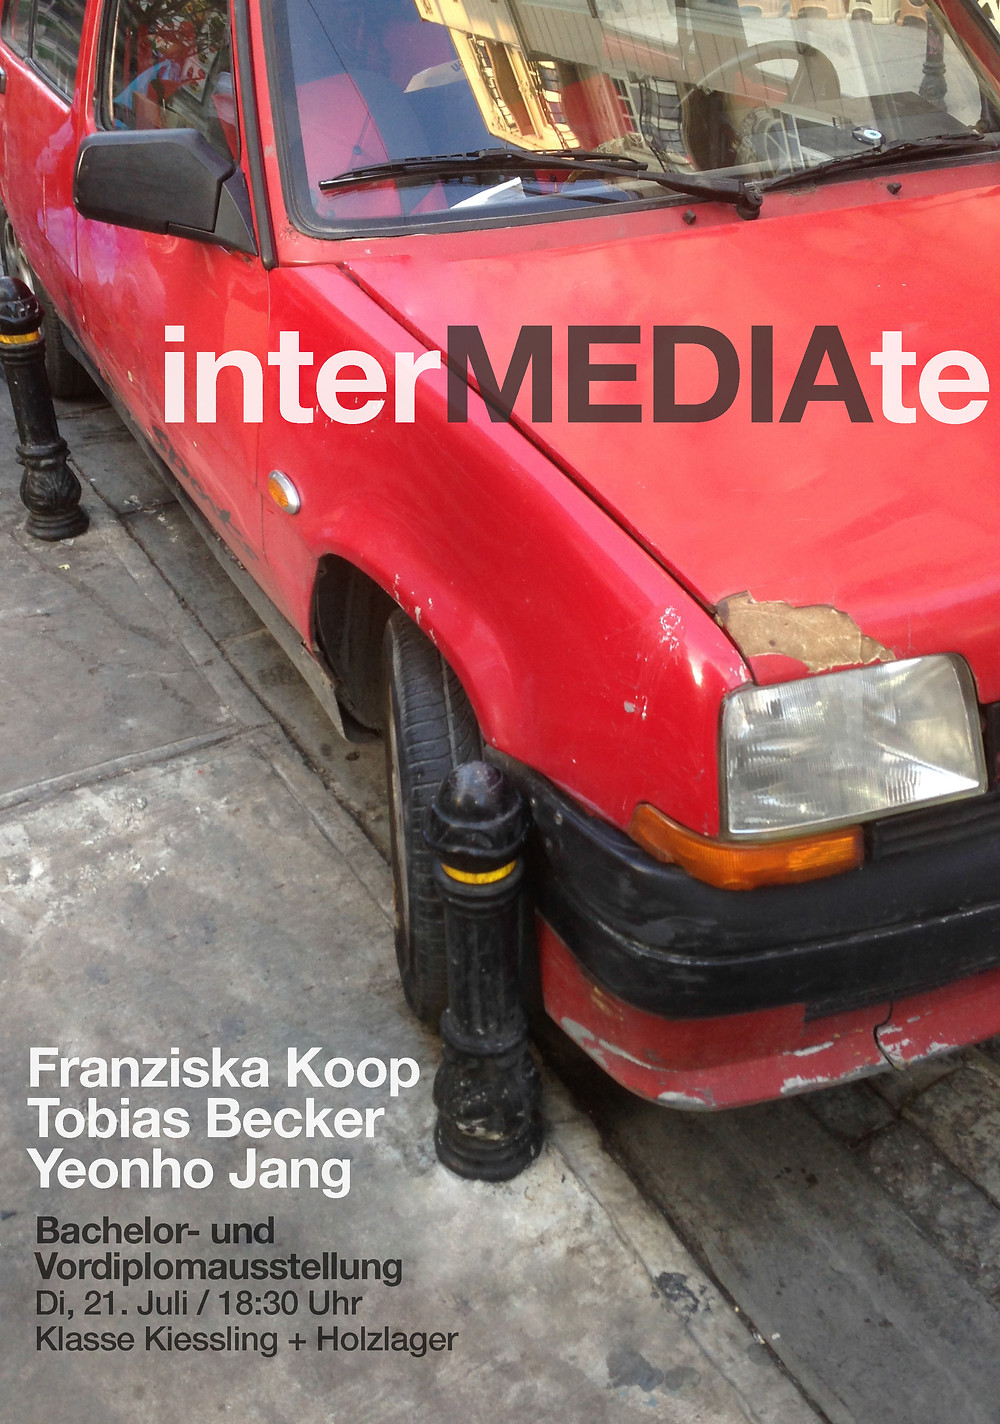 interMEDIAte4.jpg